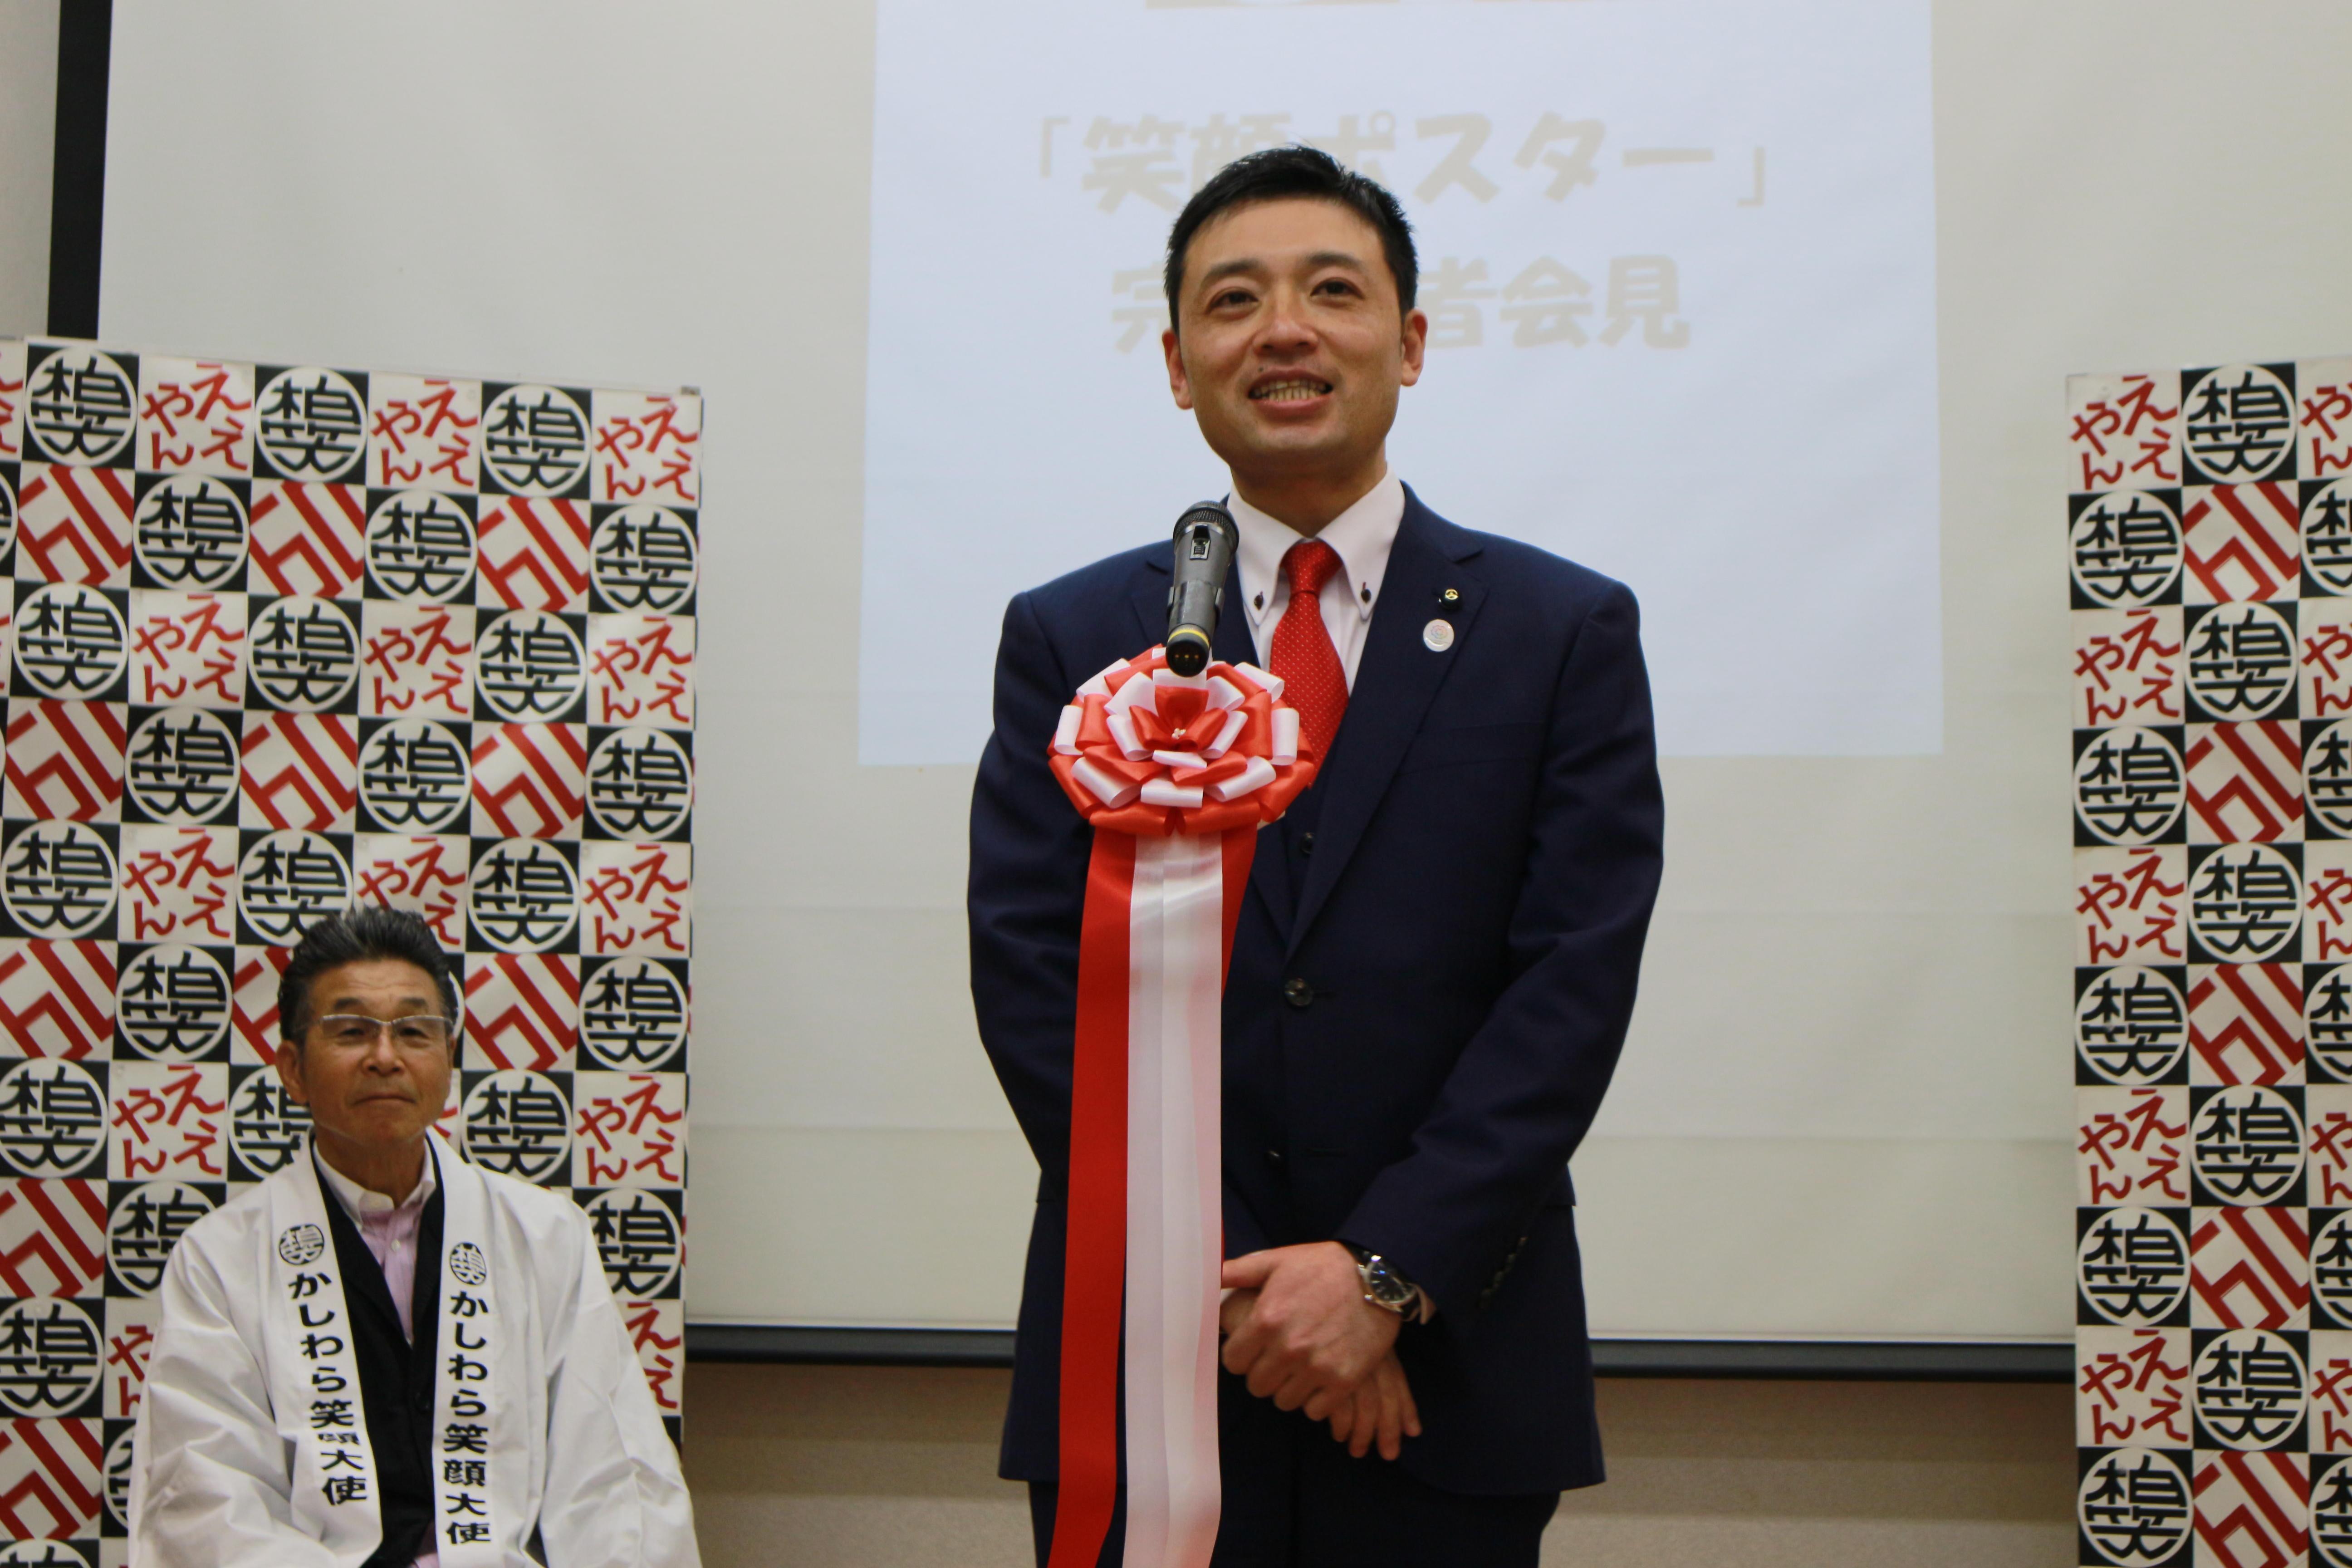 http://news.yoshimoto.co.jp/20180429224844-3cd377fff30996f3ed6b9e281241f937b05716a5.jpg